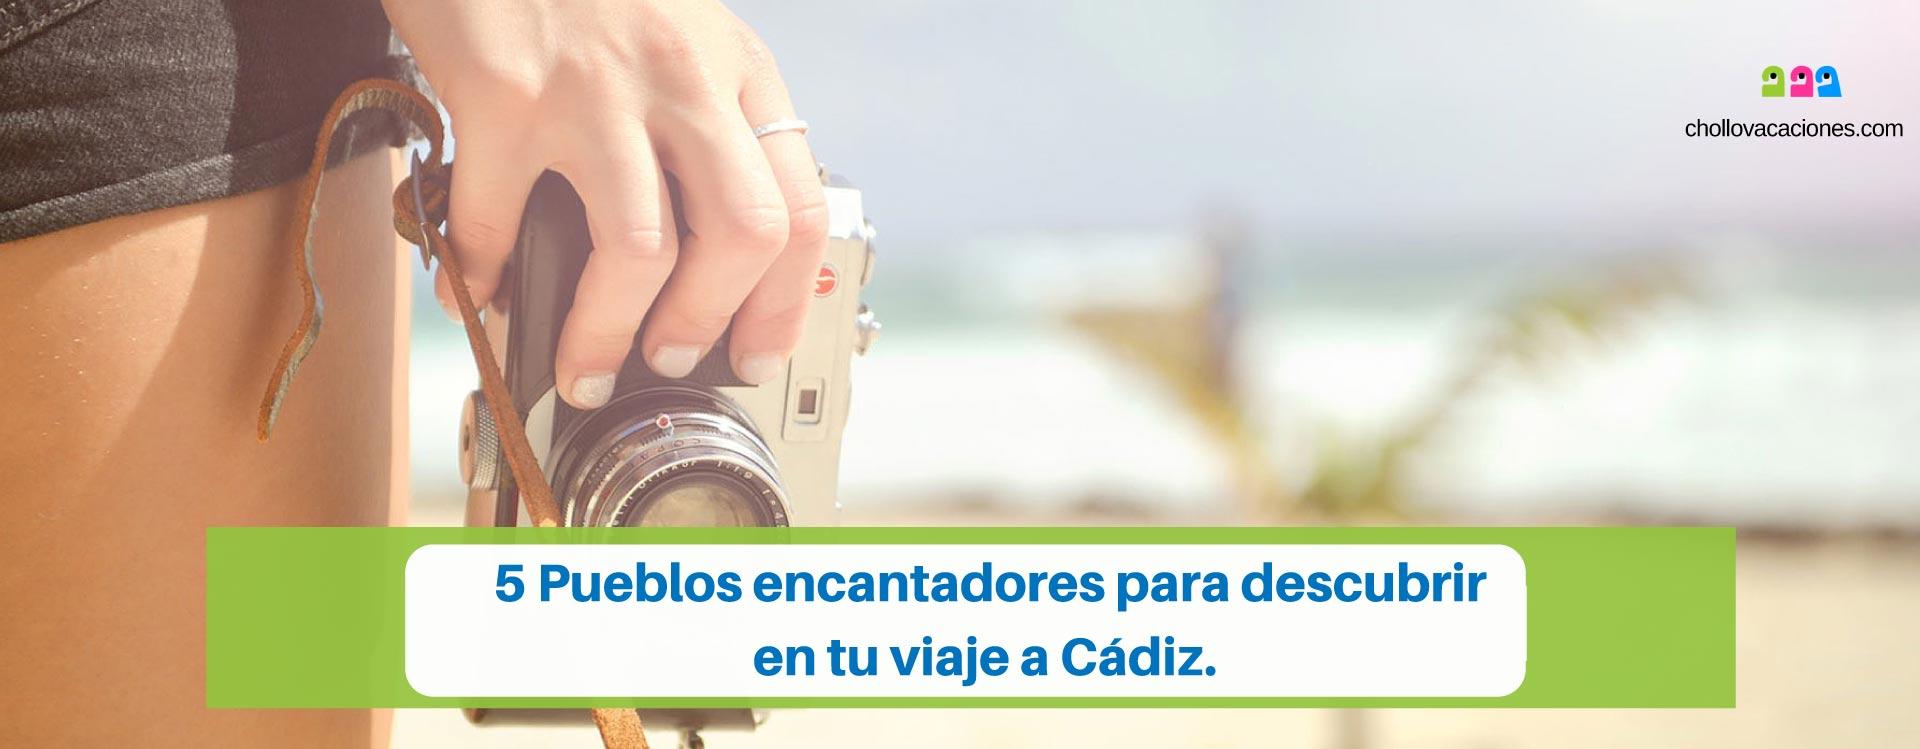 ¿Qué ver en Cádiz? 5 Pueblos encantadores para descubrir.